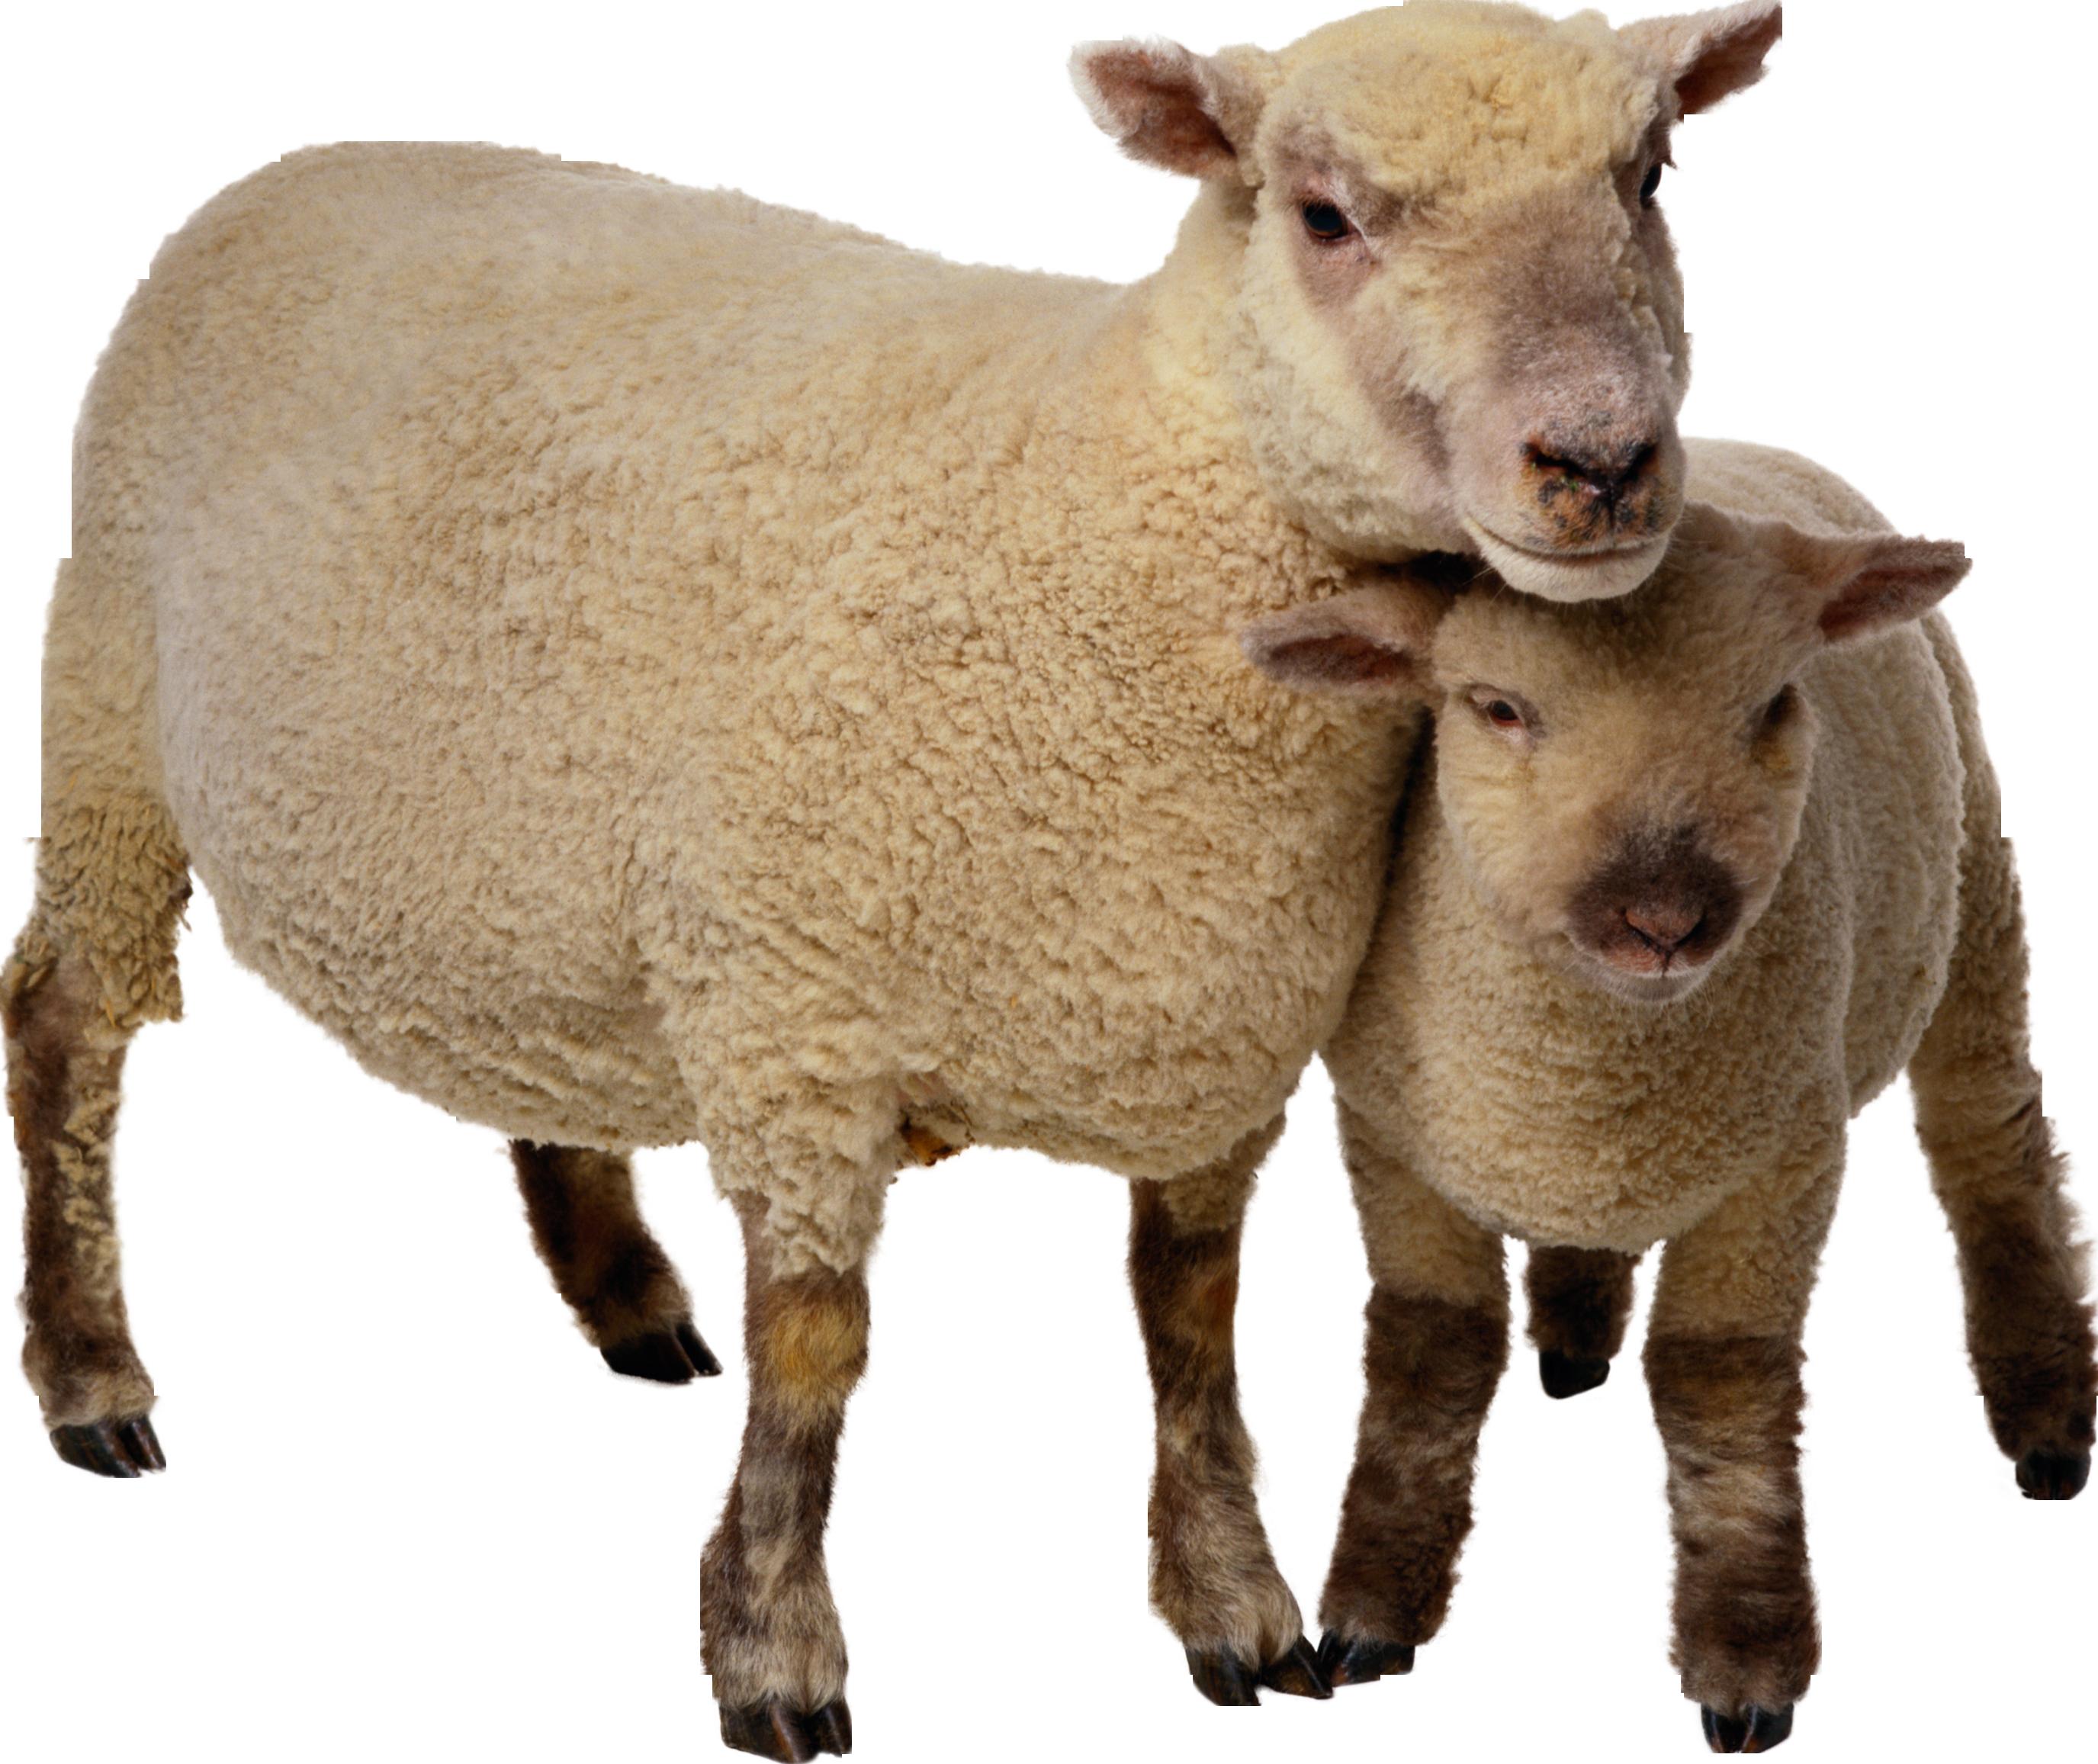 sheep PNG image - Sheep And Wool PNG